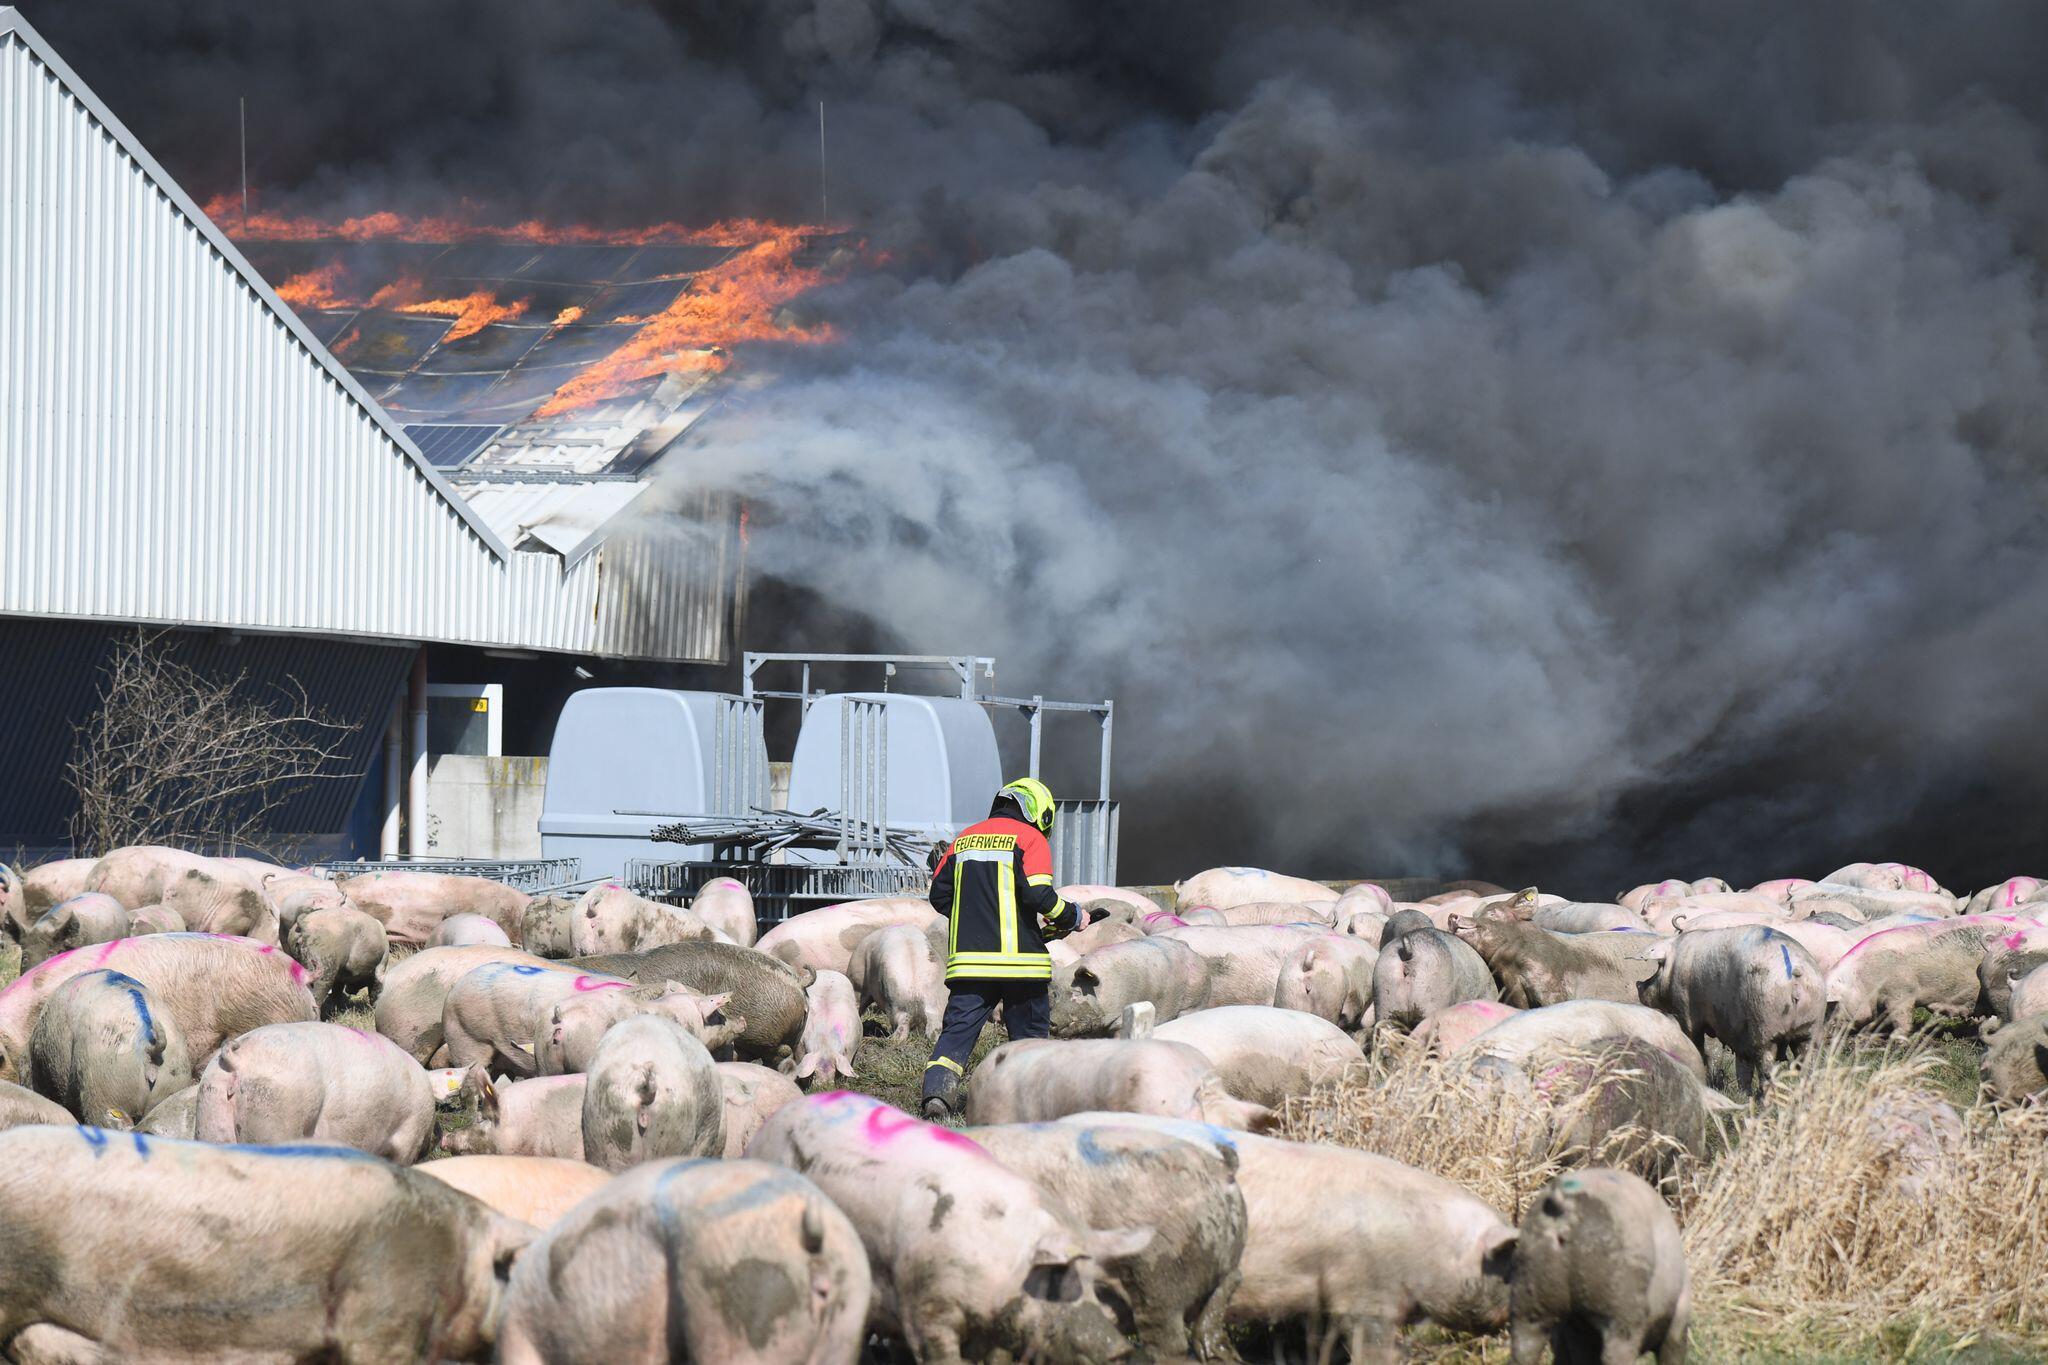 Bild zu Feuer in Schweinezuchtbetrieb